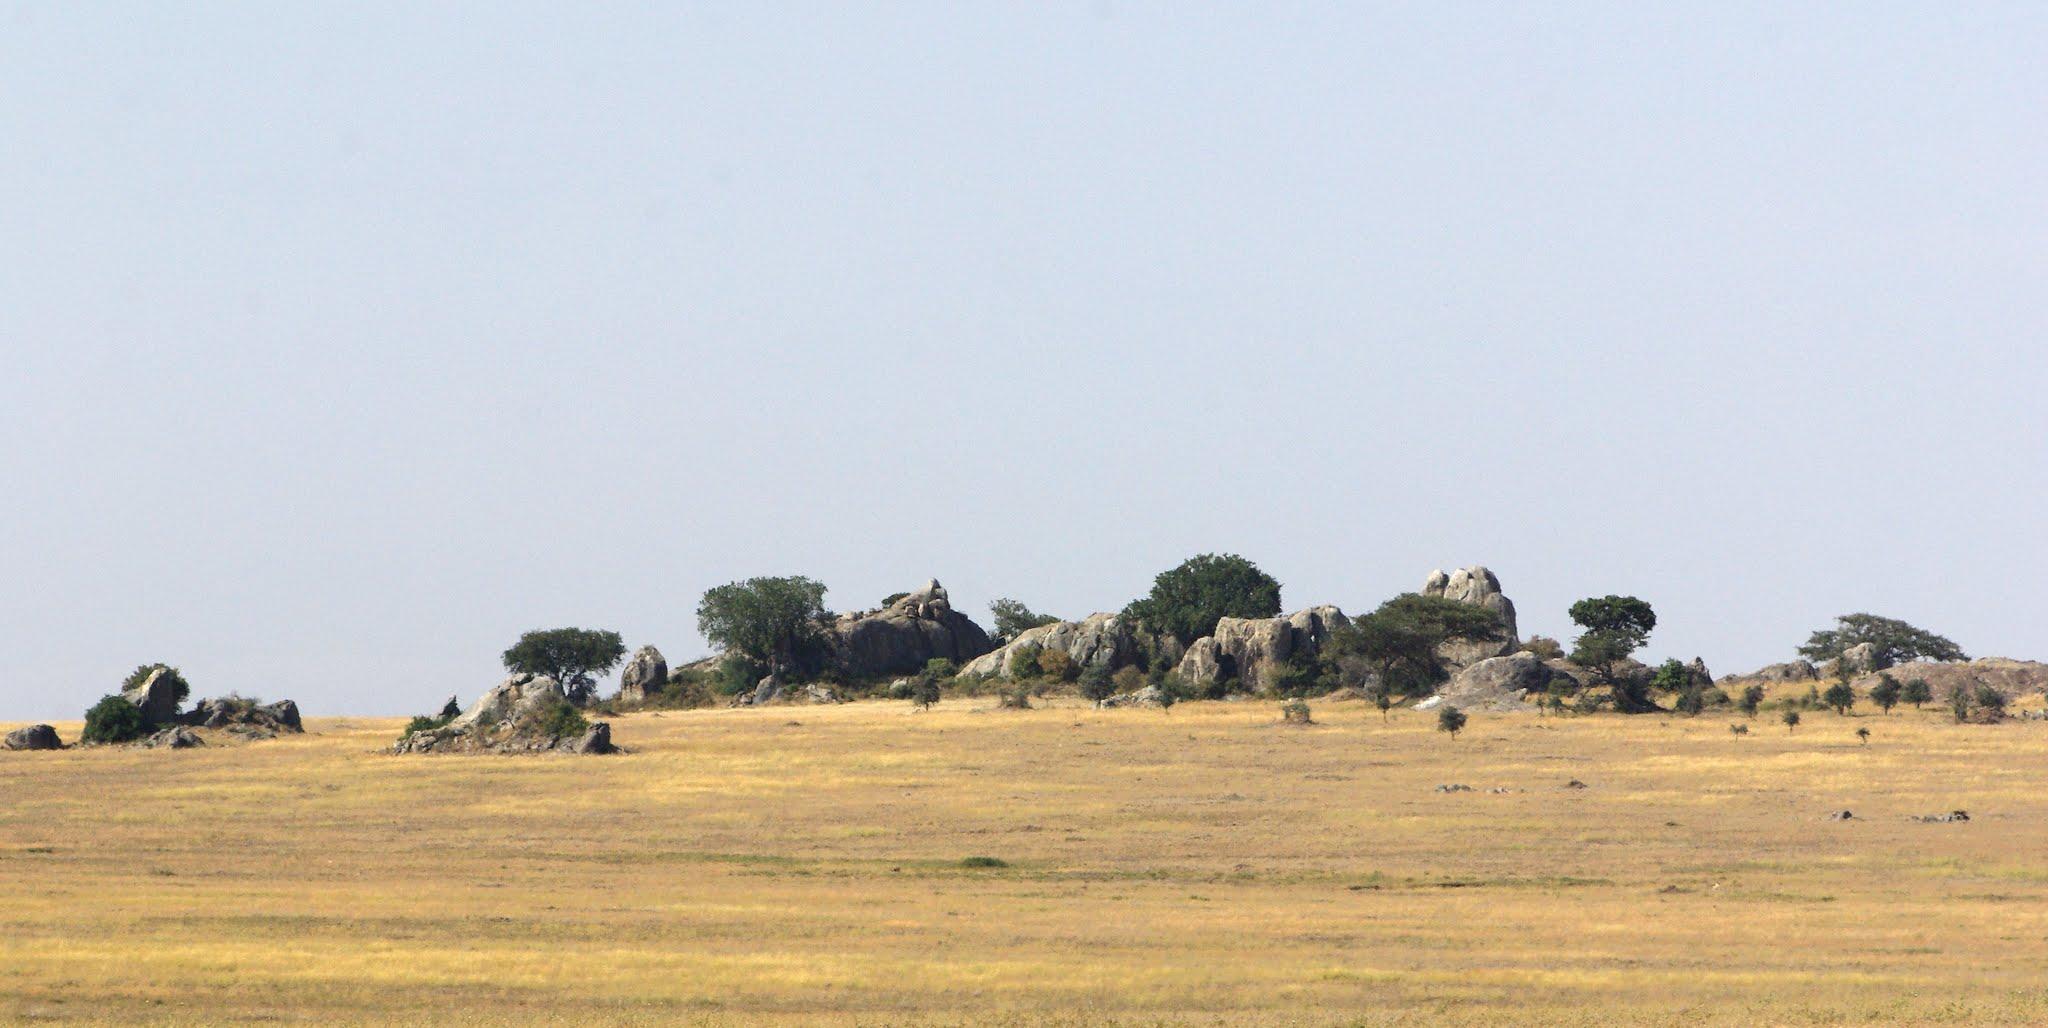 5-serengeti-06-08_dxo